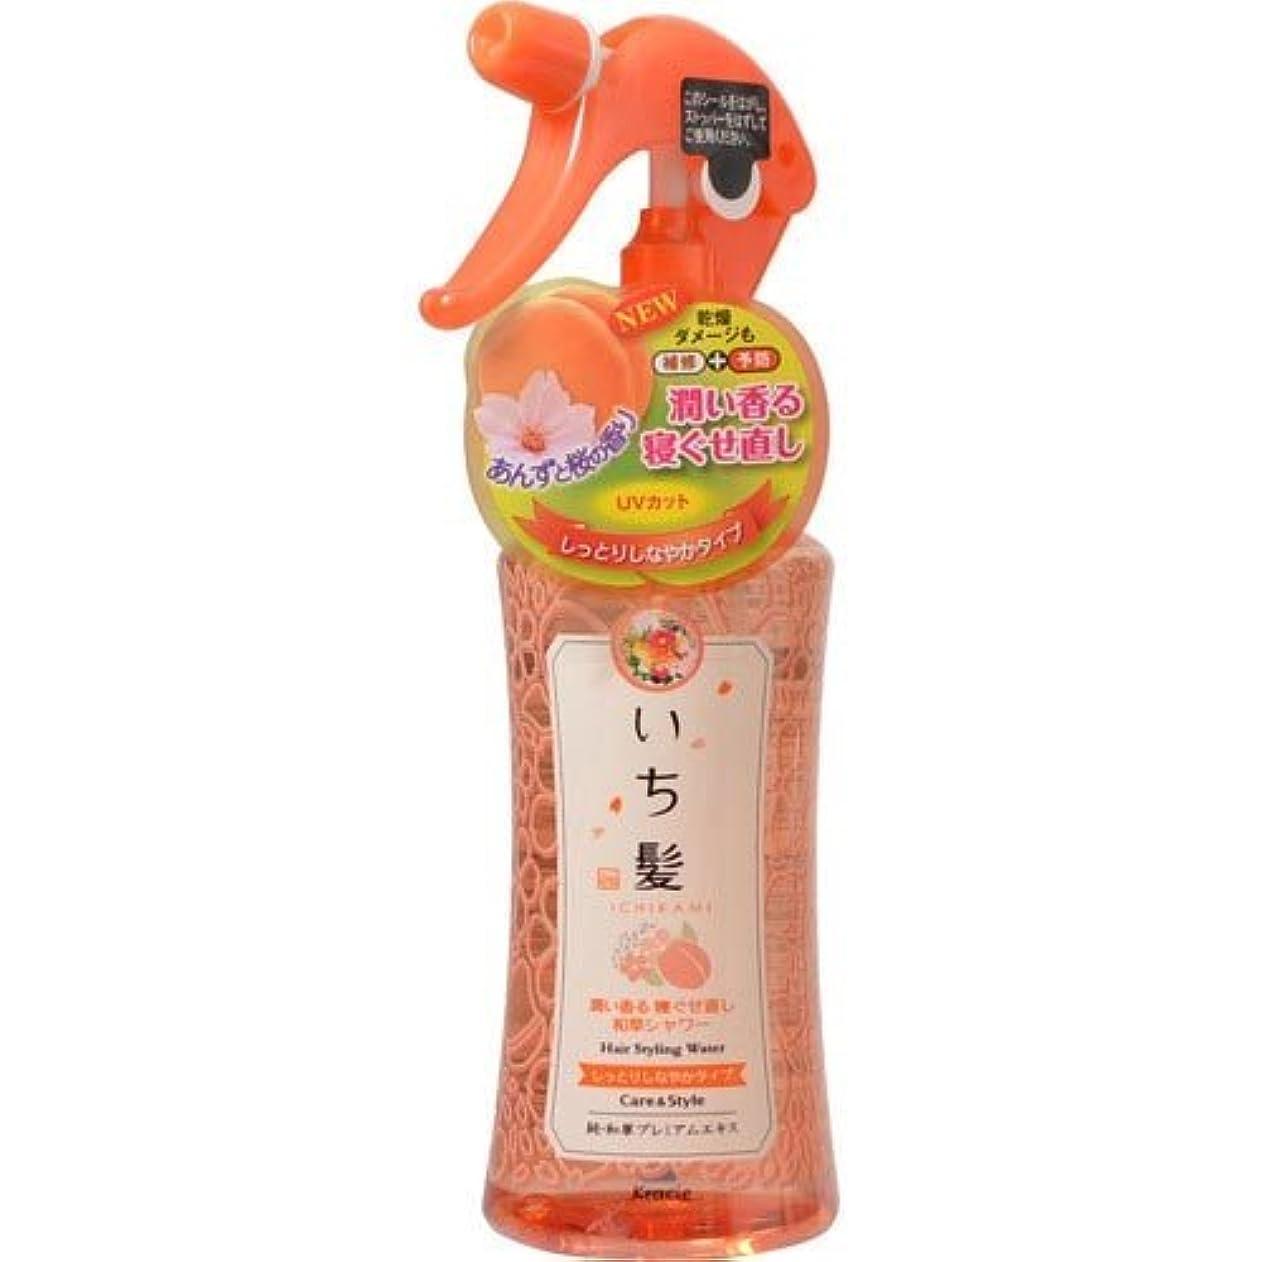 症状震える飼いならすいち髪 潤い香る寝ぐせ直し和草シャワー しっとりしなやかタイプ 250mL